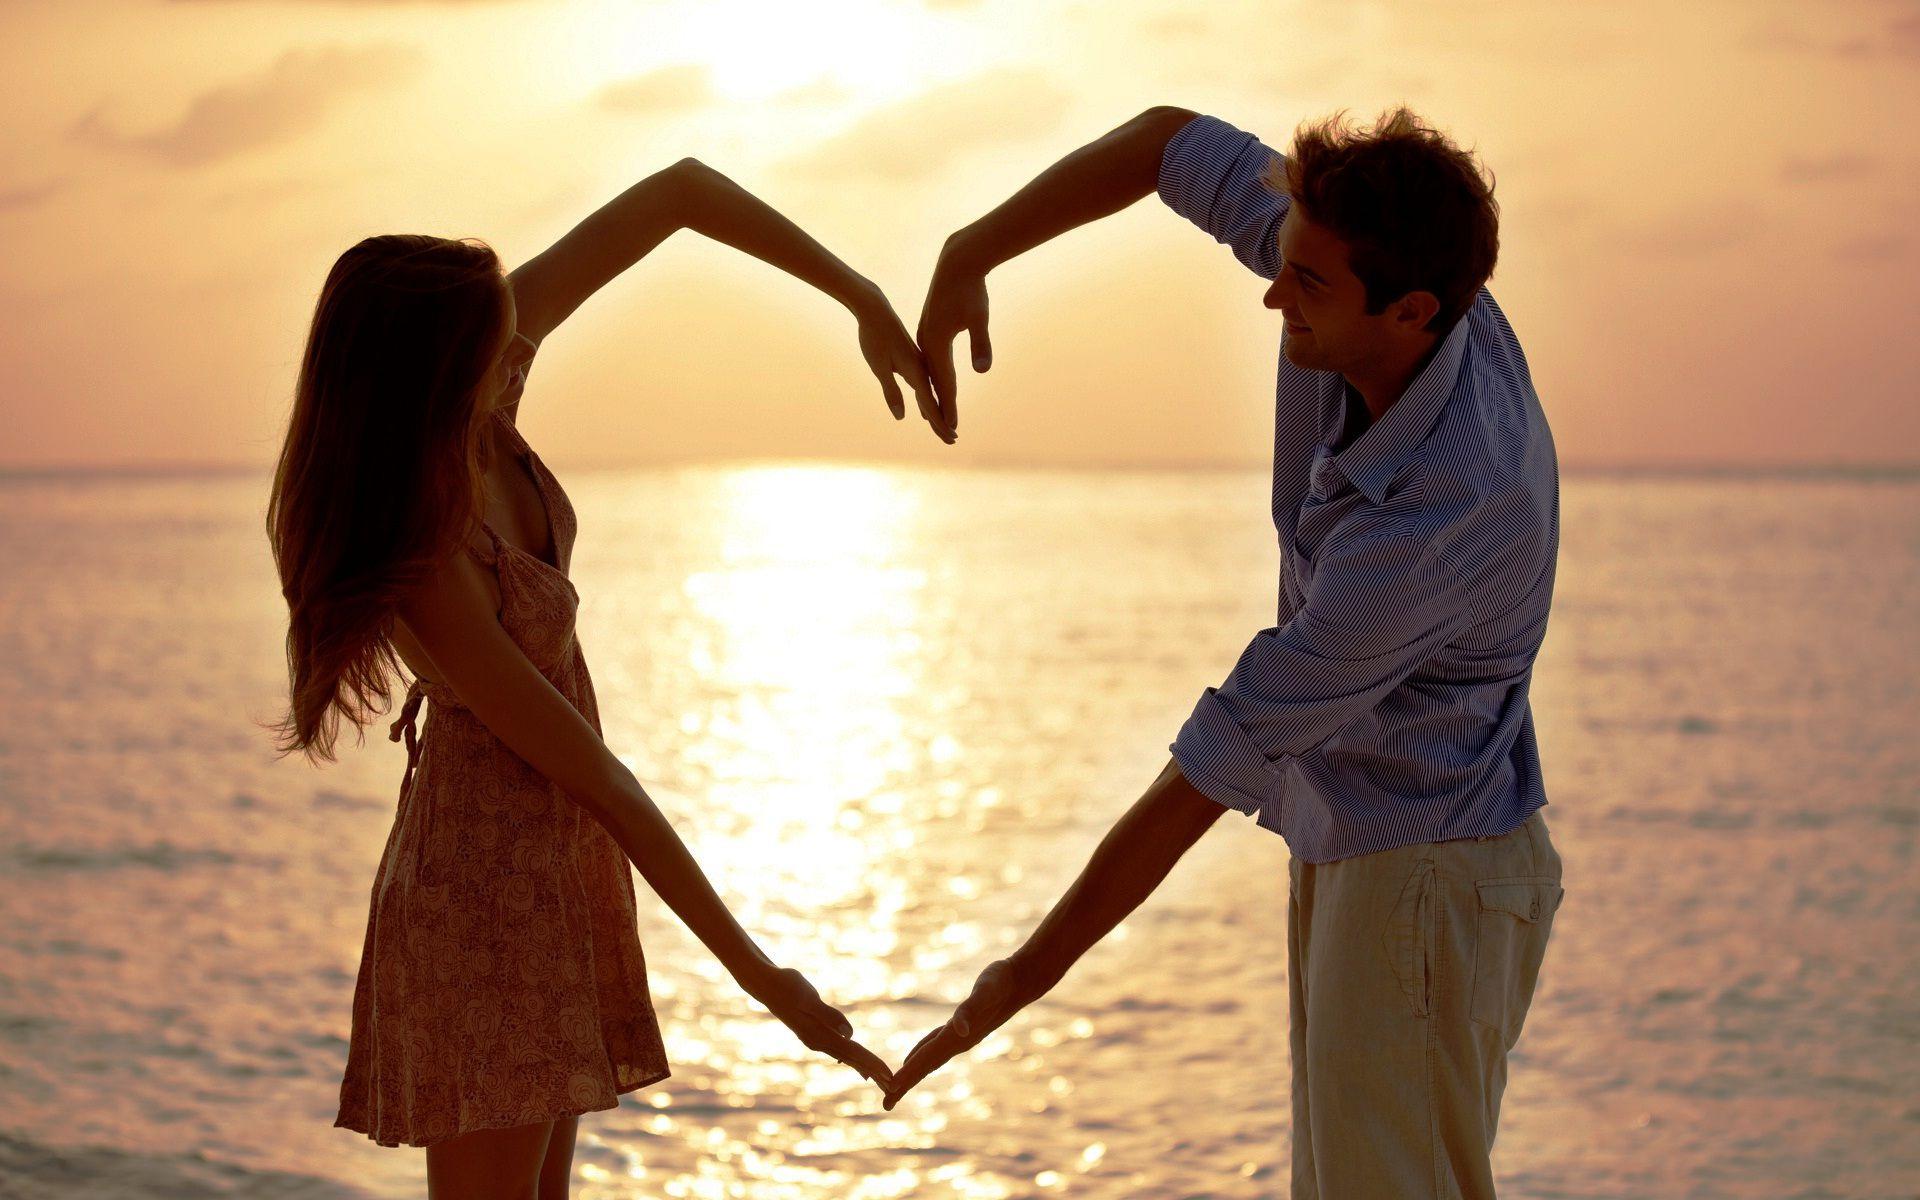 بالصور صور حب رومانسية جديدة , اجمل واحلى صور حب رومانسية جديدة 11786 5